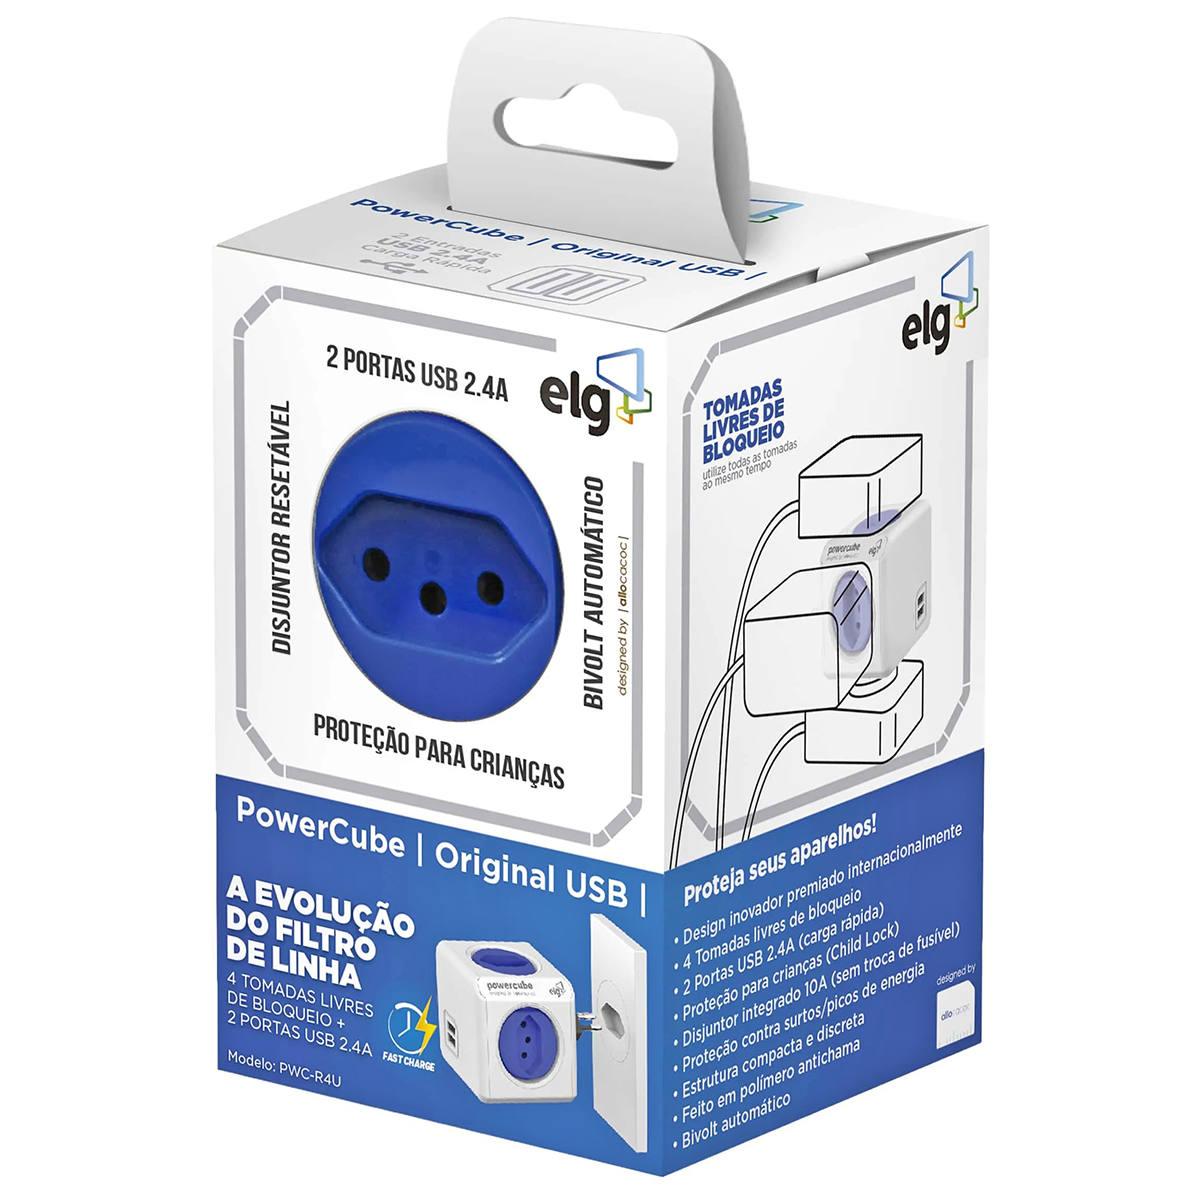 PowerCube Adaptador de Tomadas com 4 Tomadas Livres de Bloqueio + 2 USB 2.4A Original Bivolt 10A ELG PWC-R4U